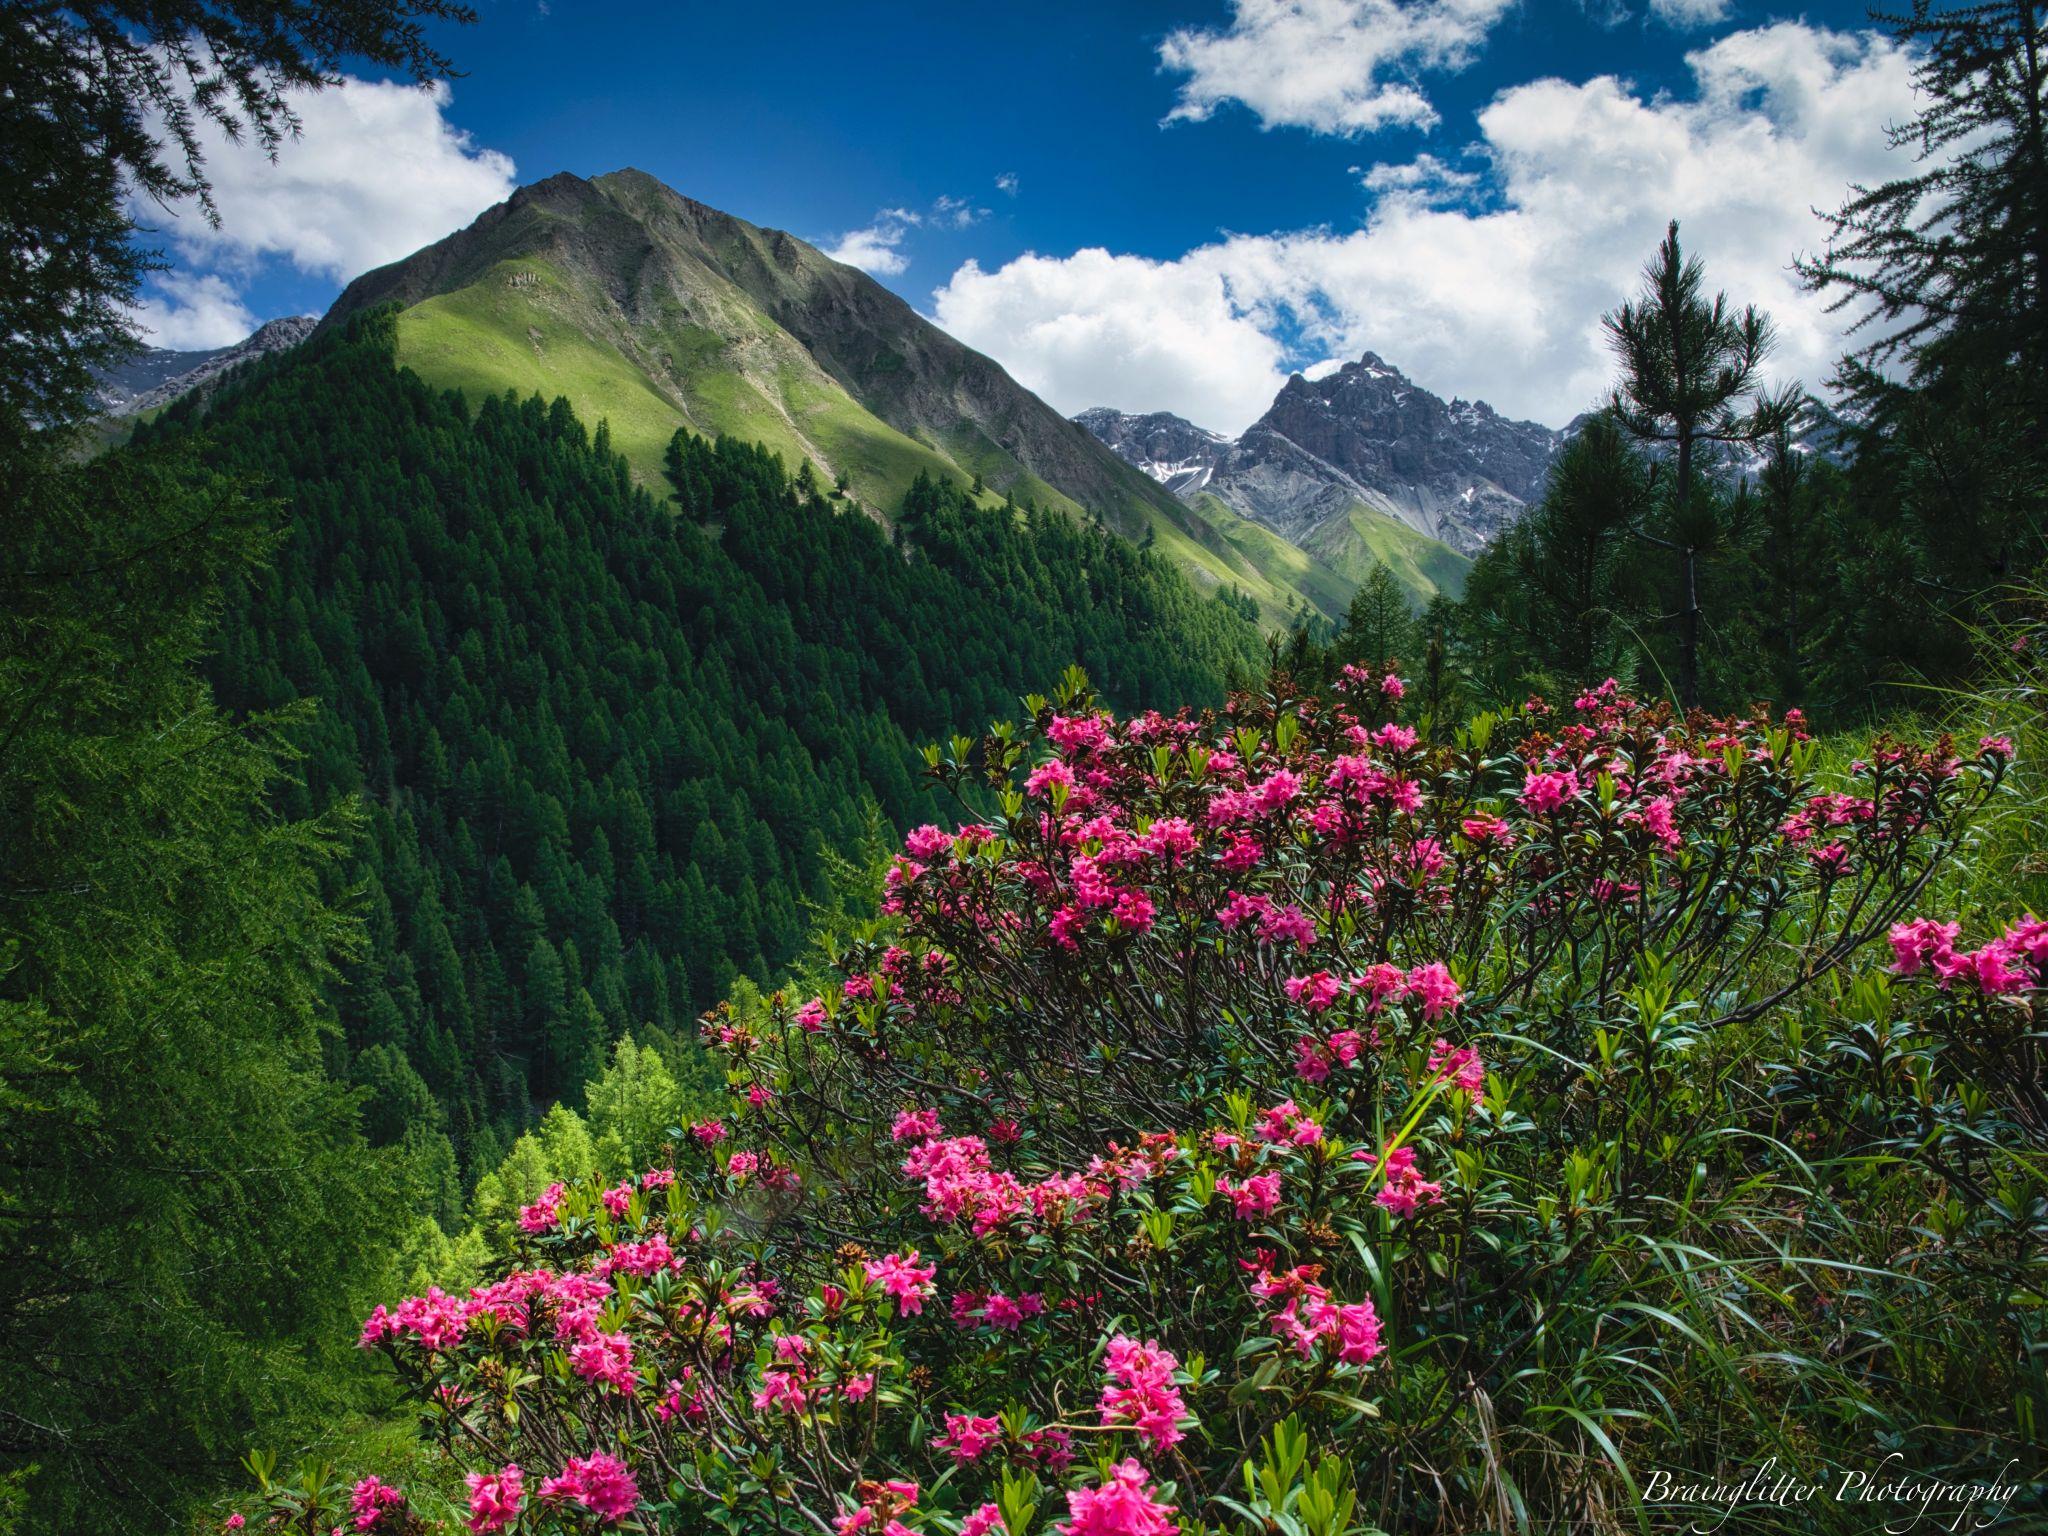 Swiss Nationalpark Trupchun valley, Switzerland